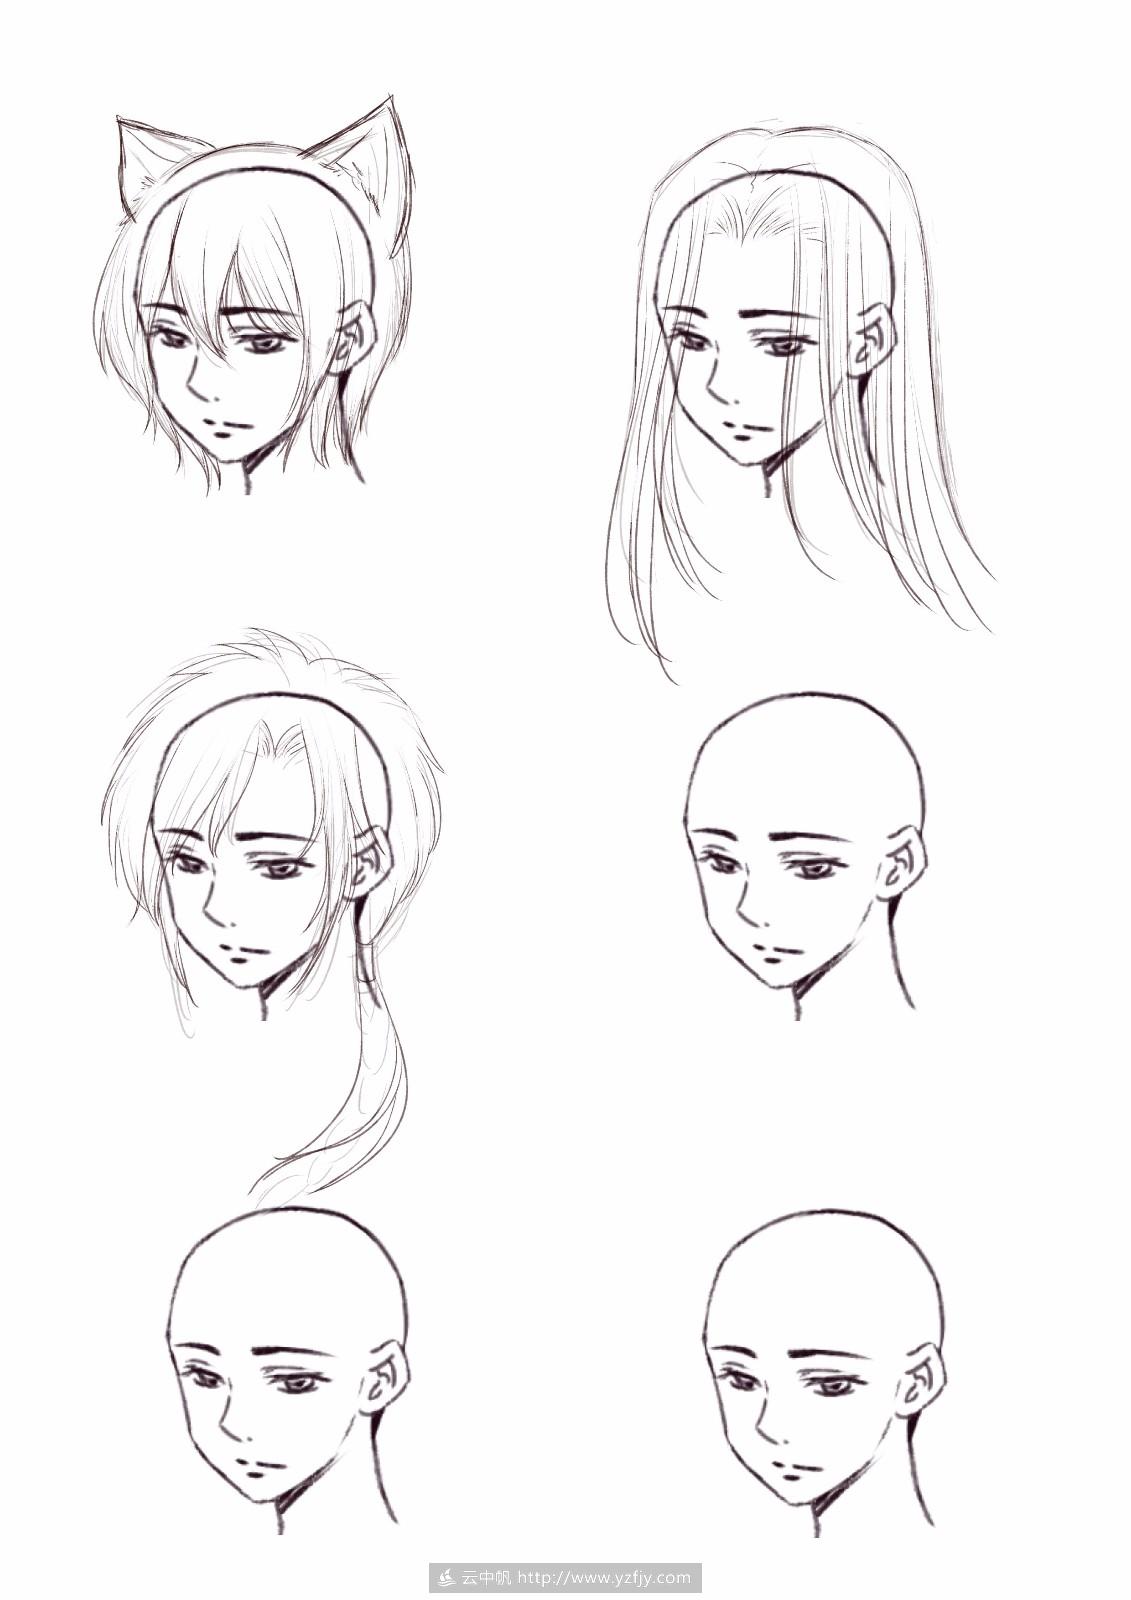 第九期第六节-男生日常发型绘制_漫画/q版绘画班_绘画